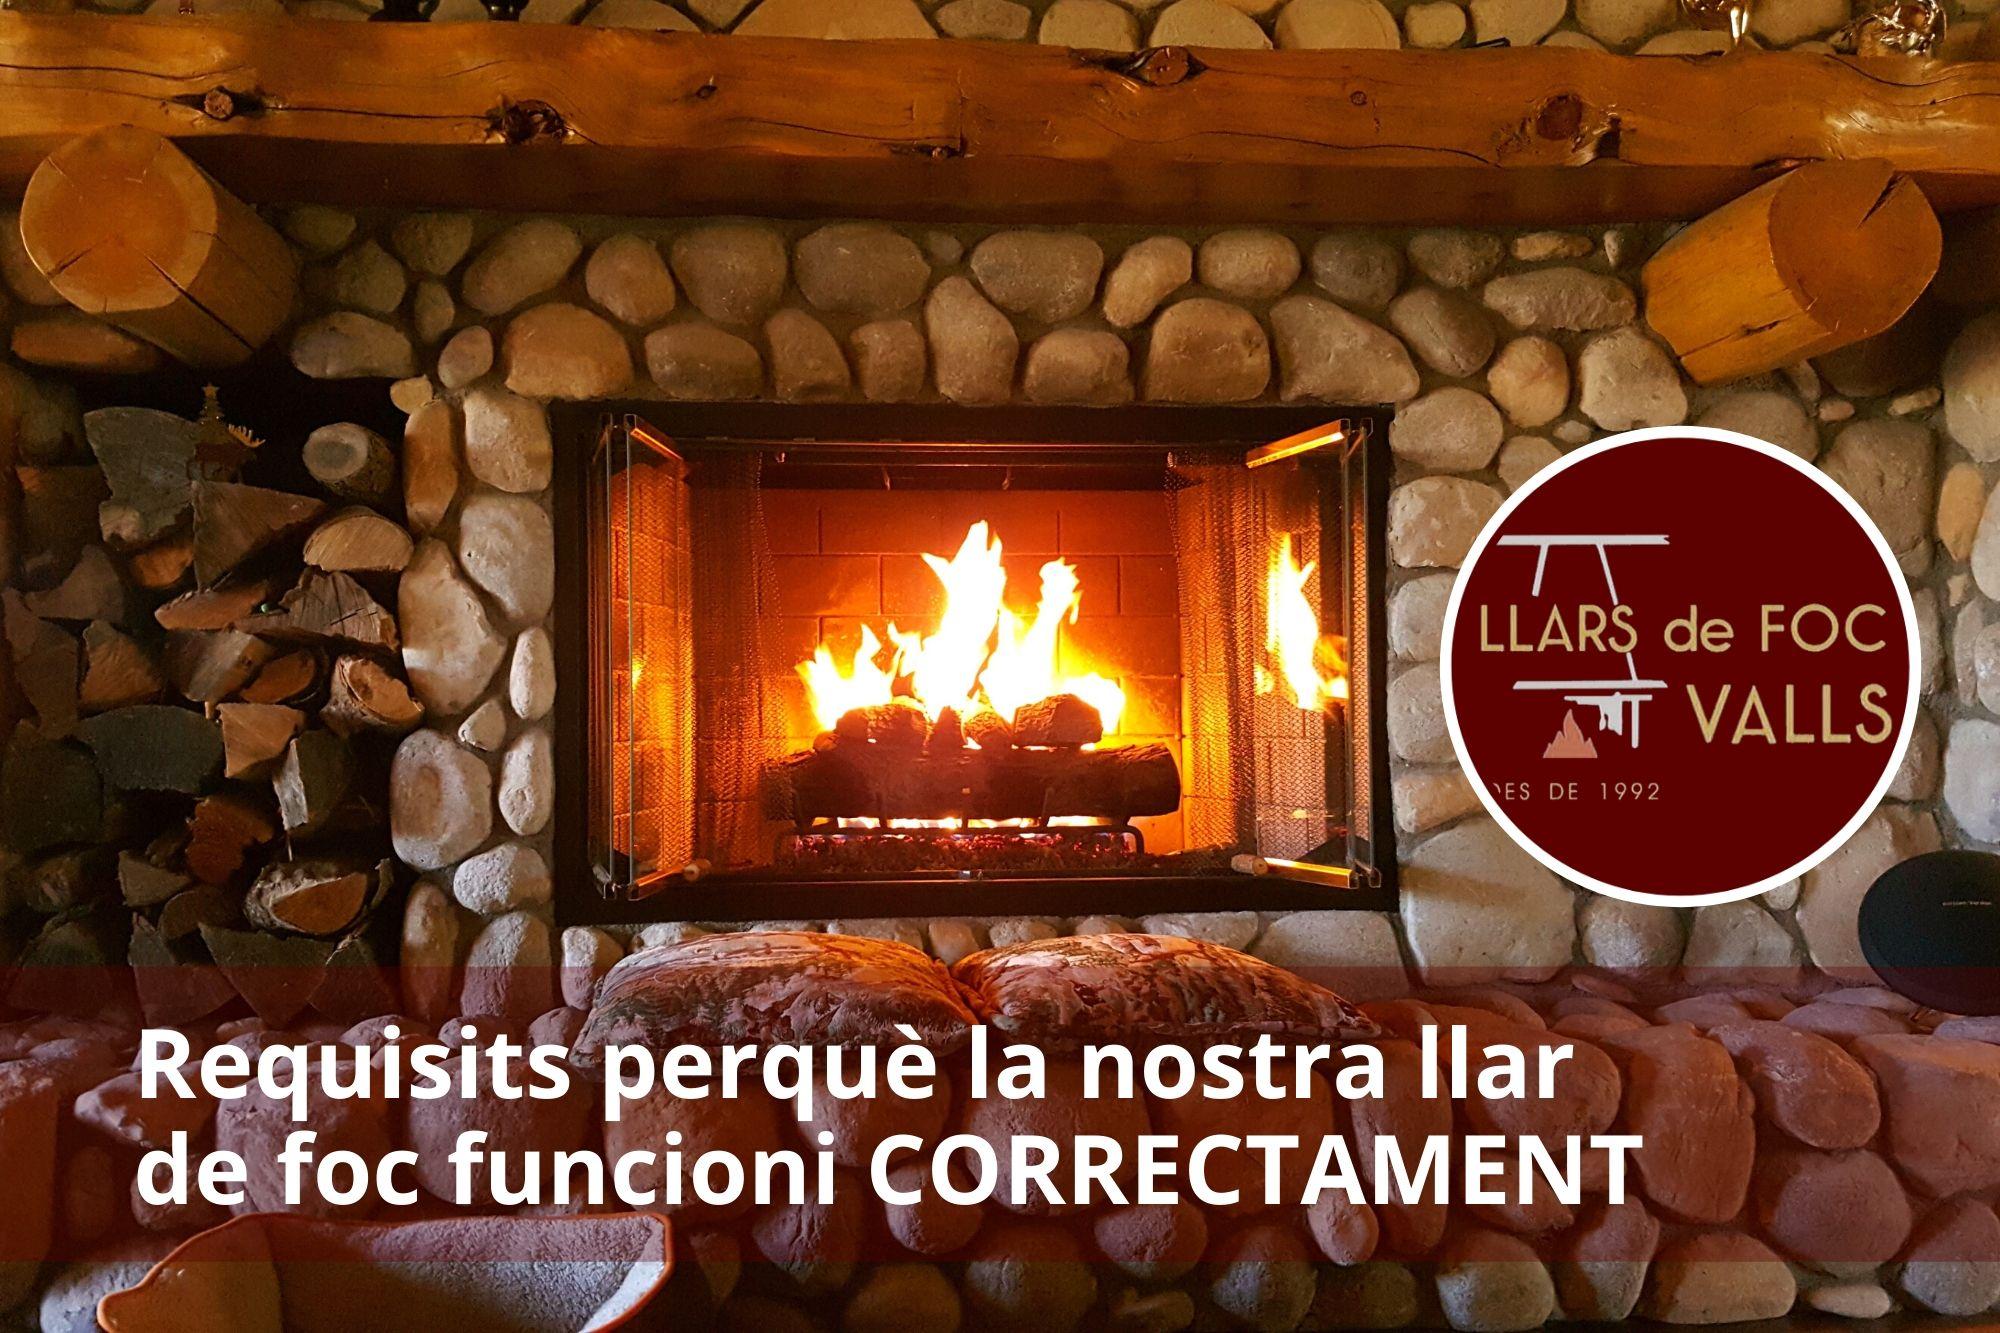 Requisits de funcionament correcte de les llars de foc - Llars de Foc Valls